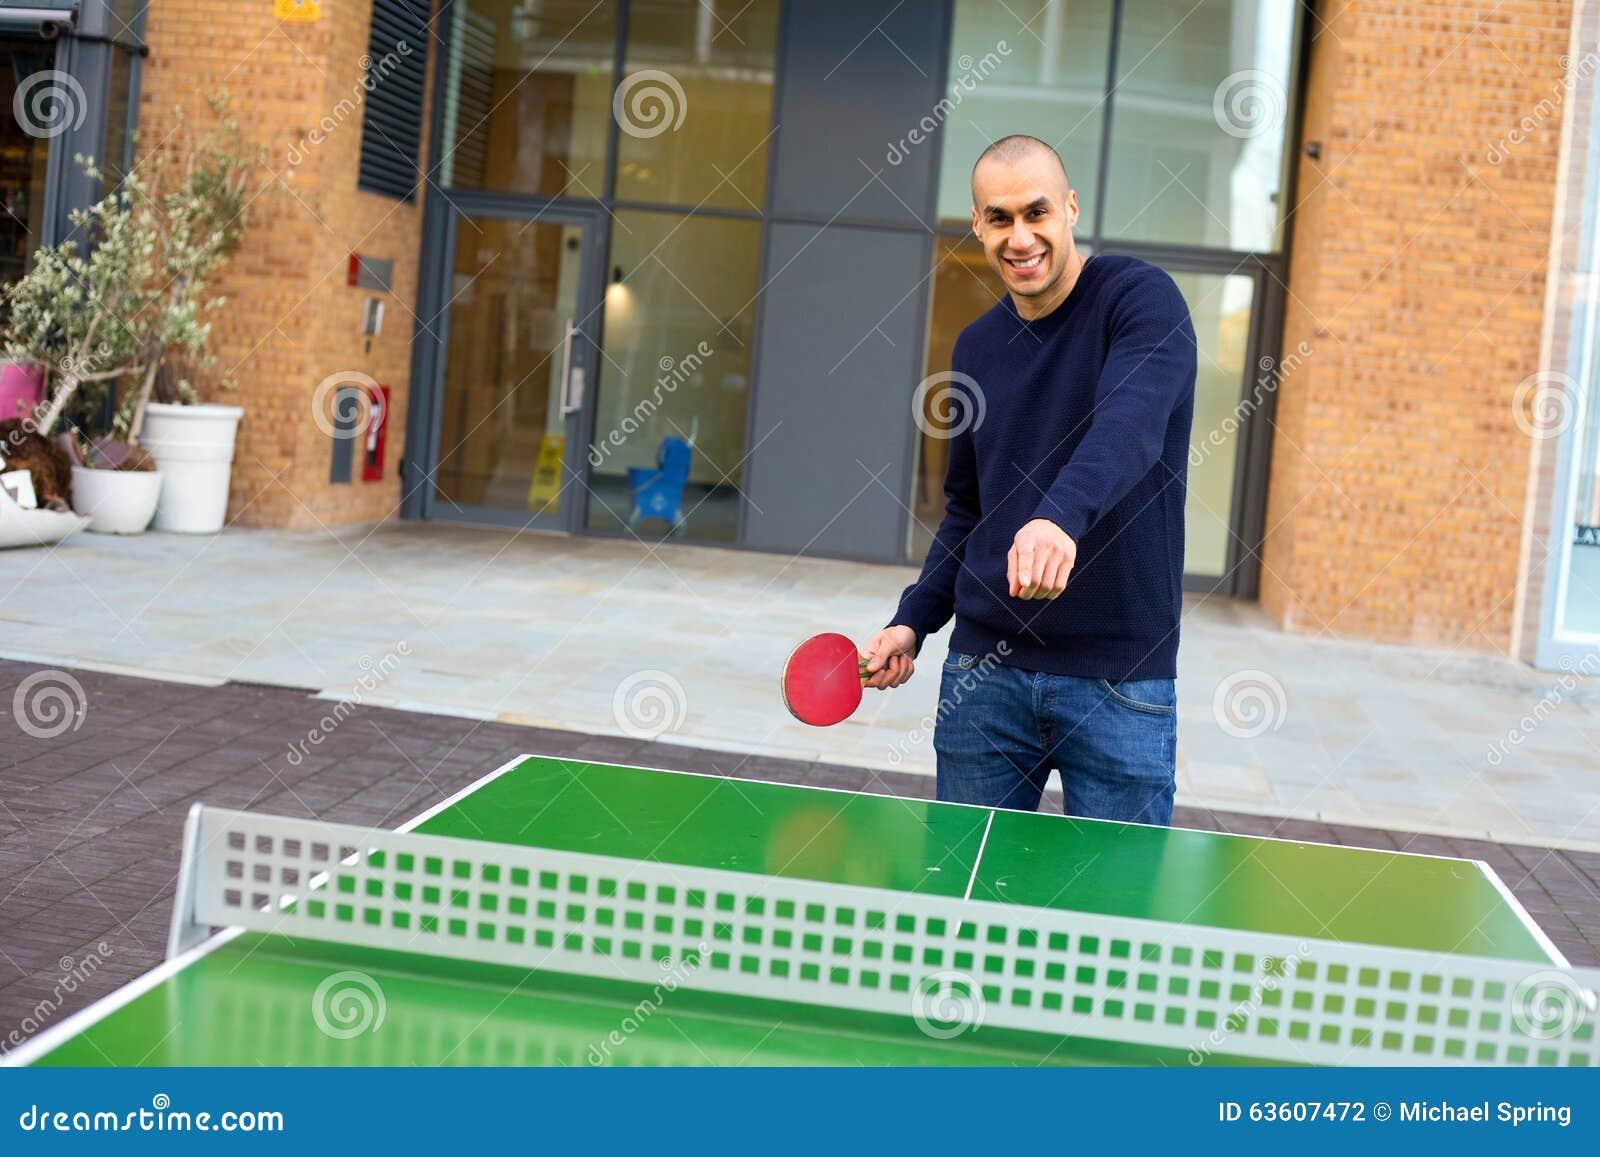 Spielen von Klingeln pong